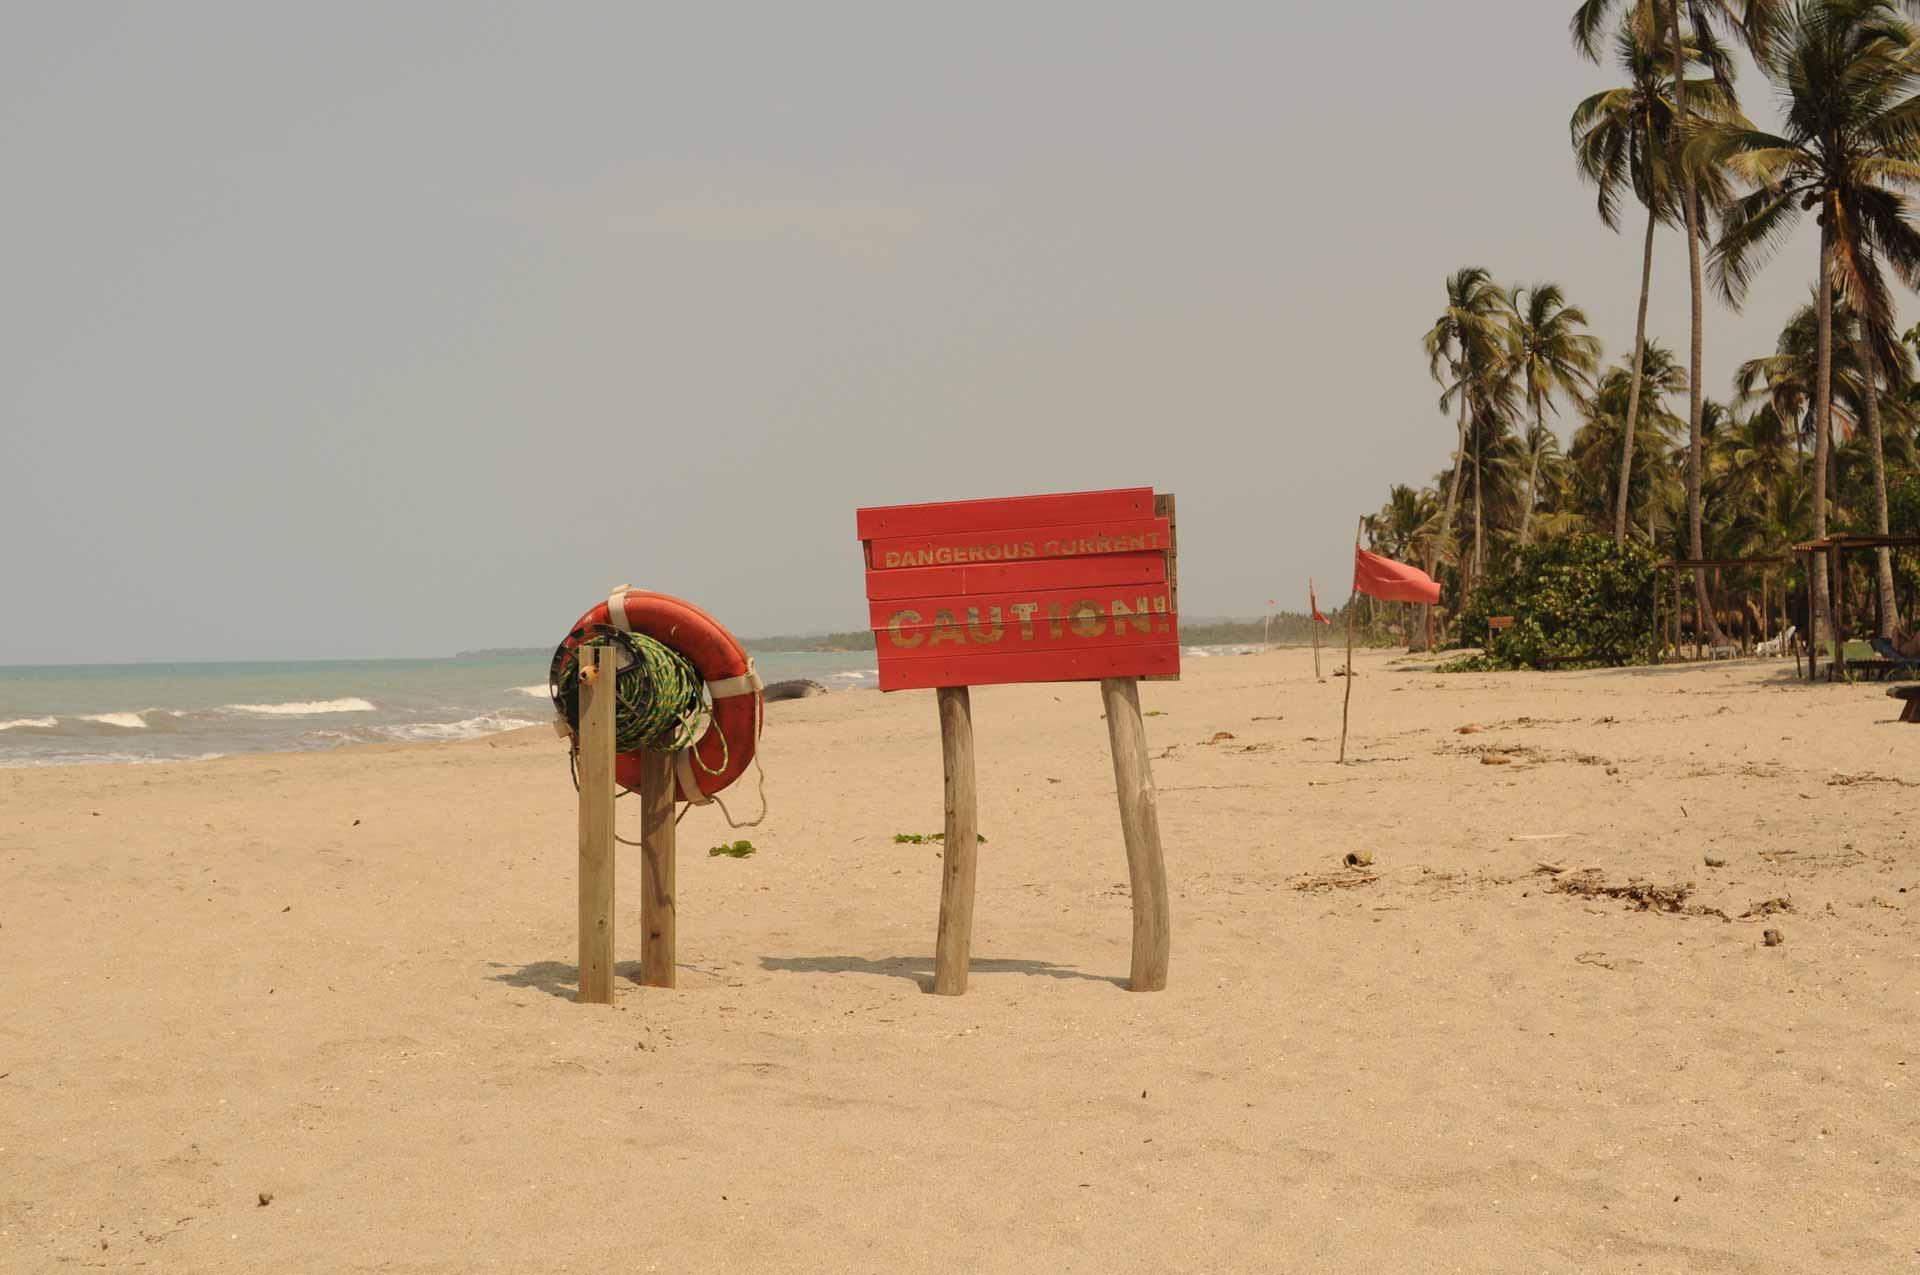 Palomino - 2 Wochen im kolumbianischen La Guajira 2